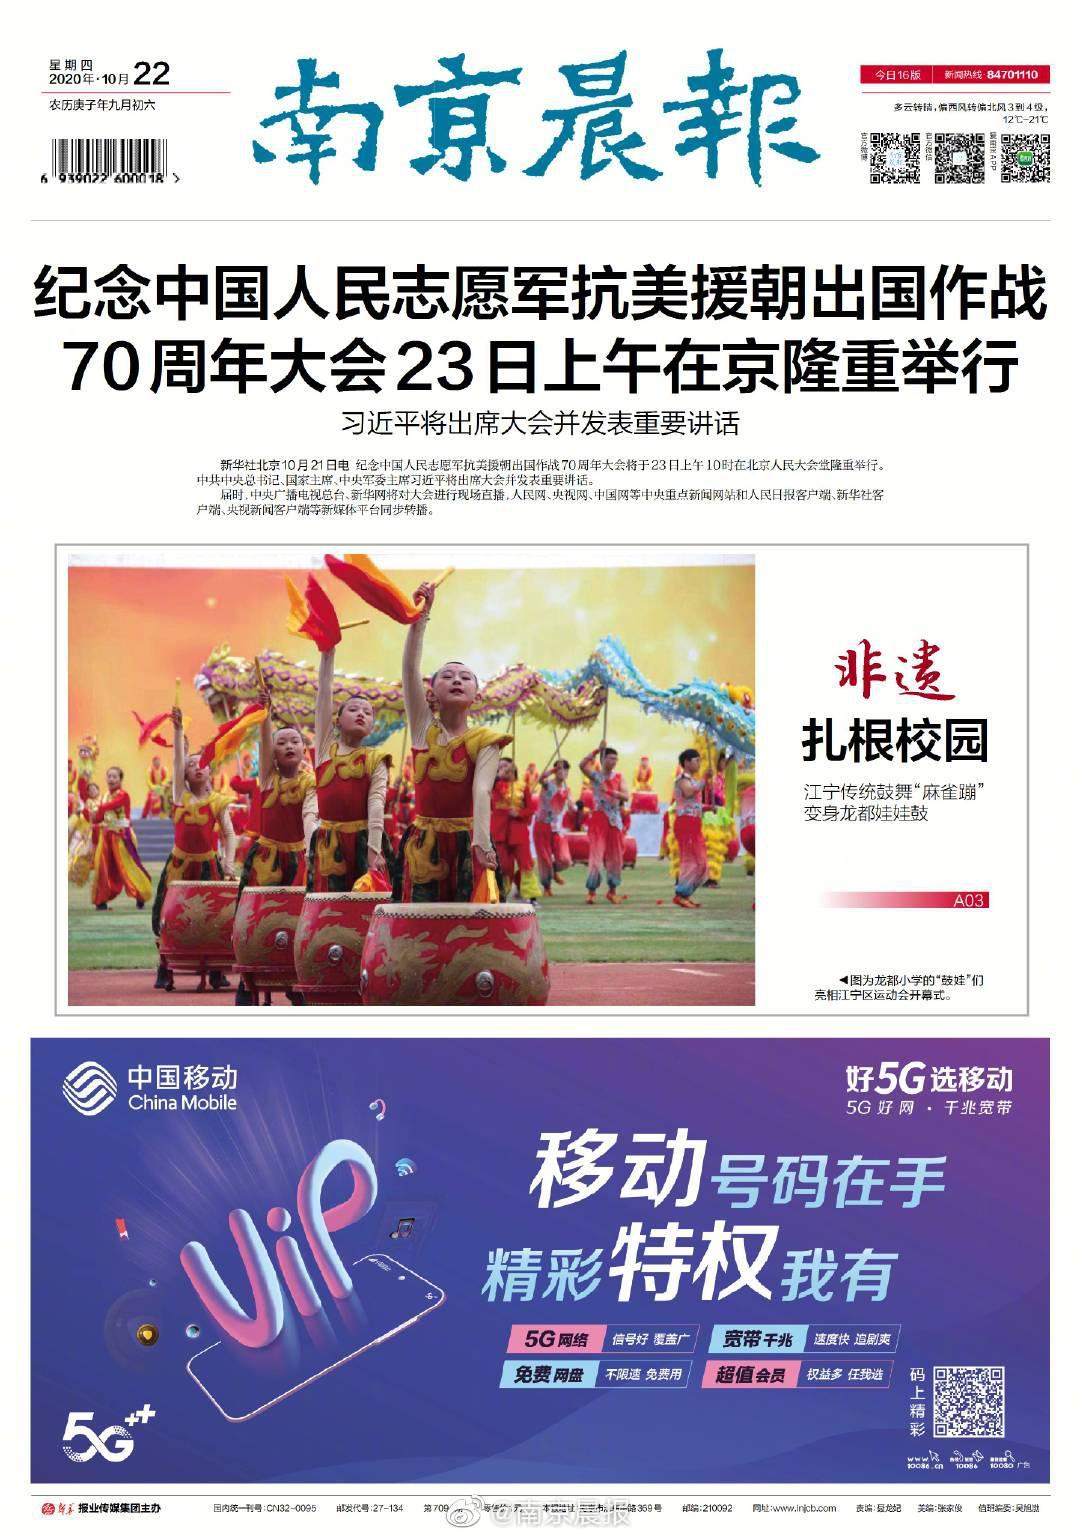 防控不放松,重视不恐慌!!南京晨报10月22日电子版